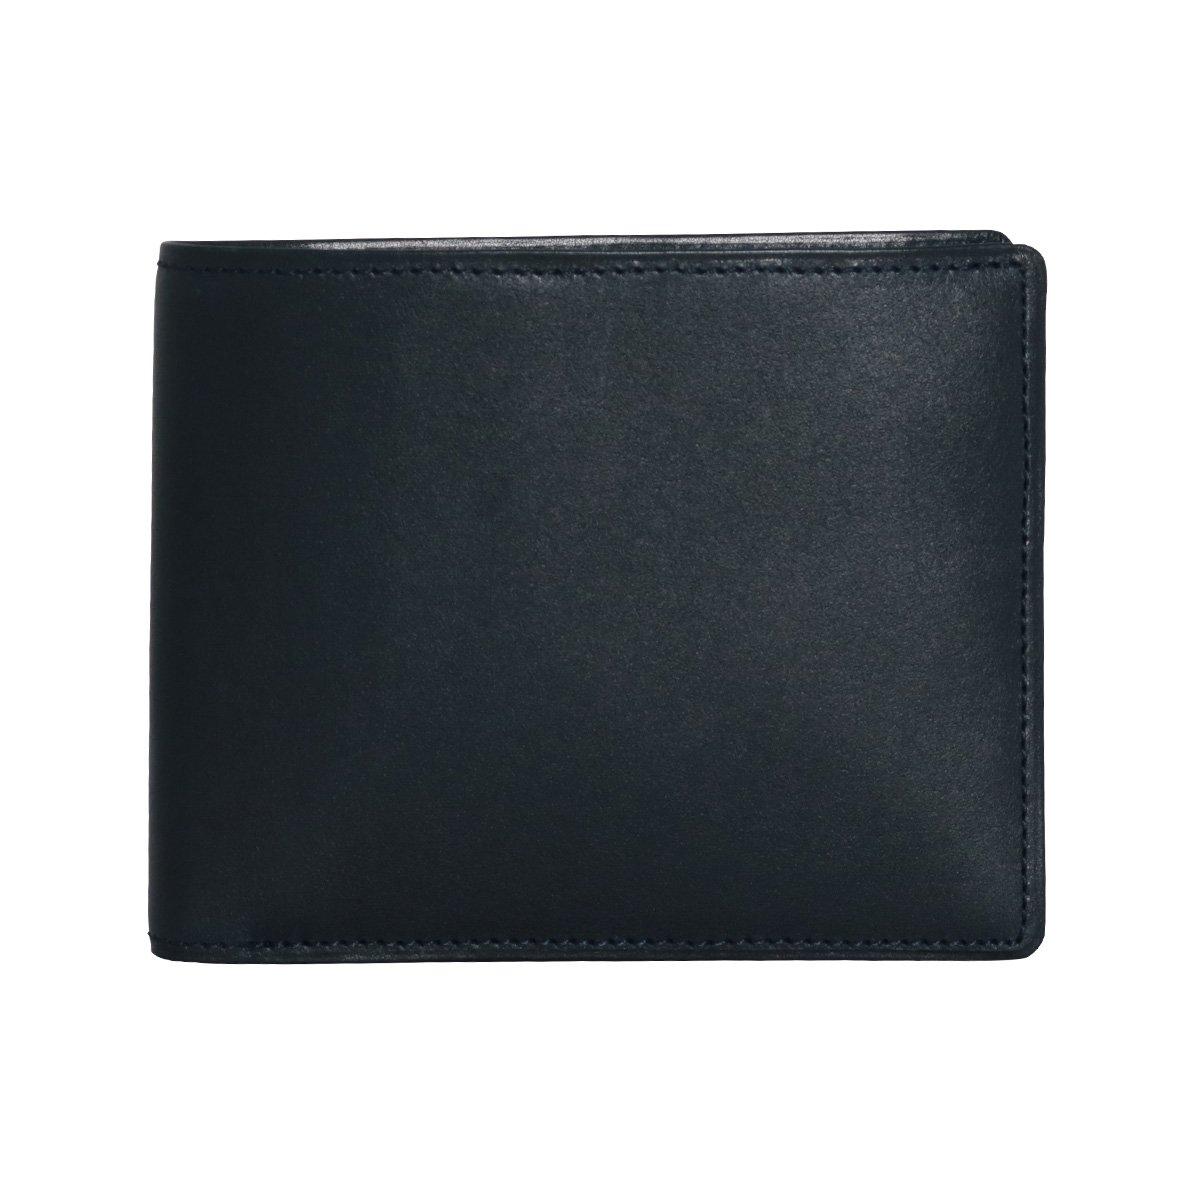 (ミカド) Mikado 二つ折り財布 228015 シャトーブリアン B07D32XL7W 【41】ネイビー 【41】ネイビー